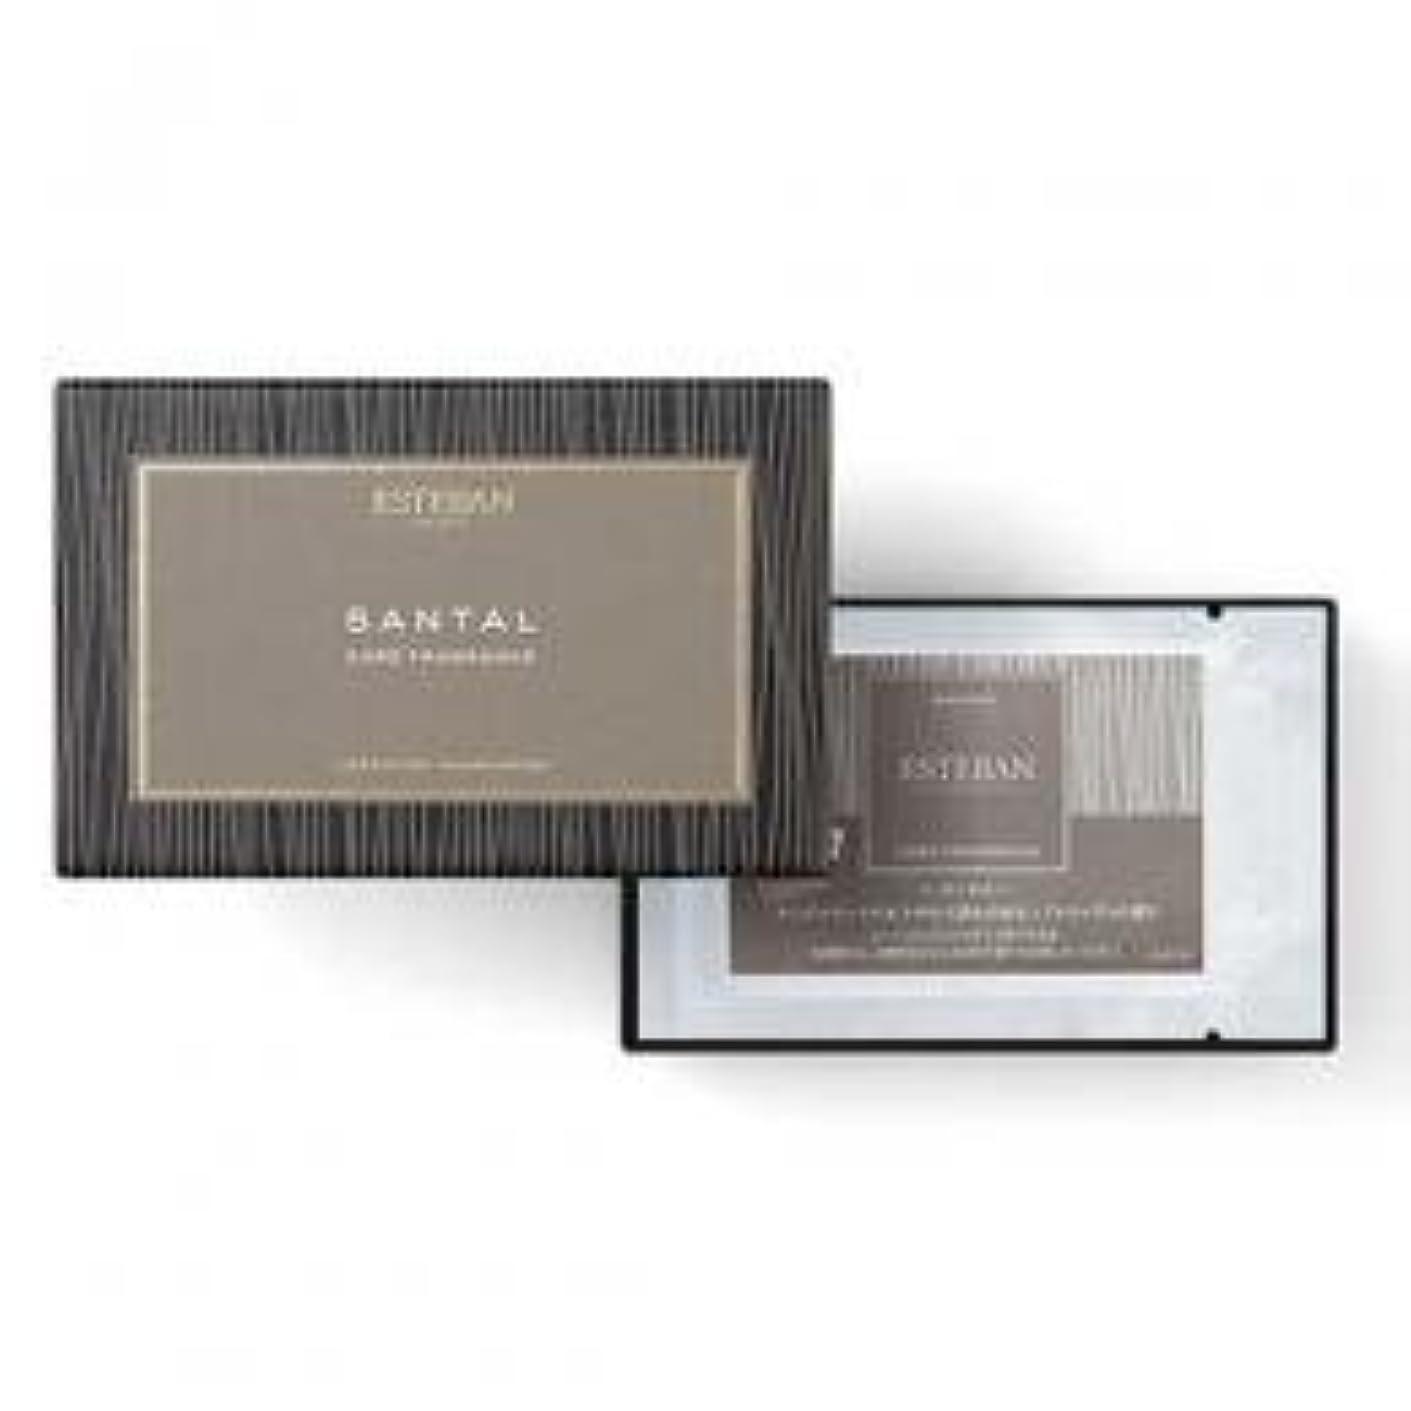 最小化する時々実際のエステバン カードフレグランス サンタル